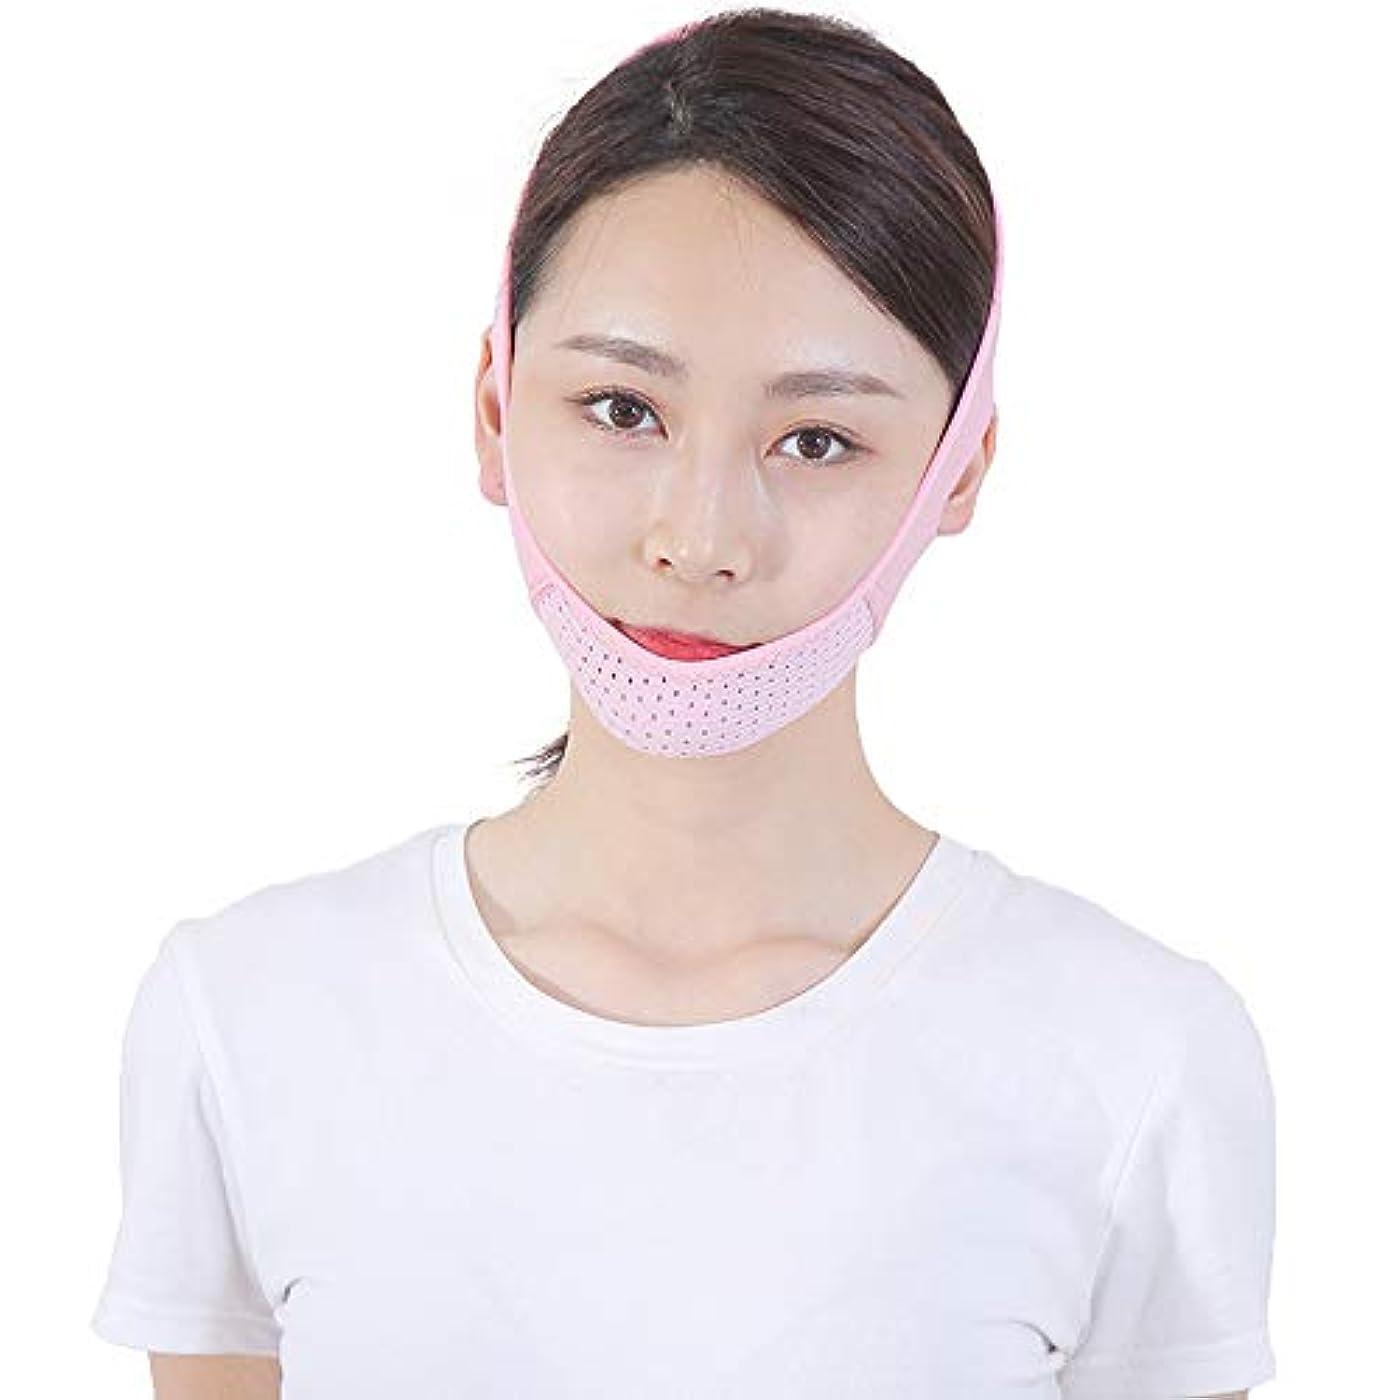 無人仮称影響力のあるフェイシャルリフティング痩身ベルトフェイススリムゲットダブルチンアンチエイジングリンクルフェイスバンデージマスクシェイピングマスク顔を引き締めるダブルチンワークアウト